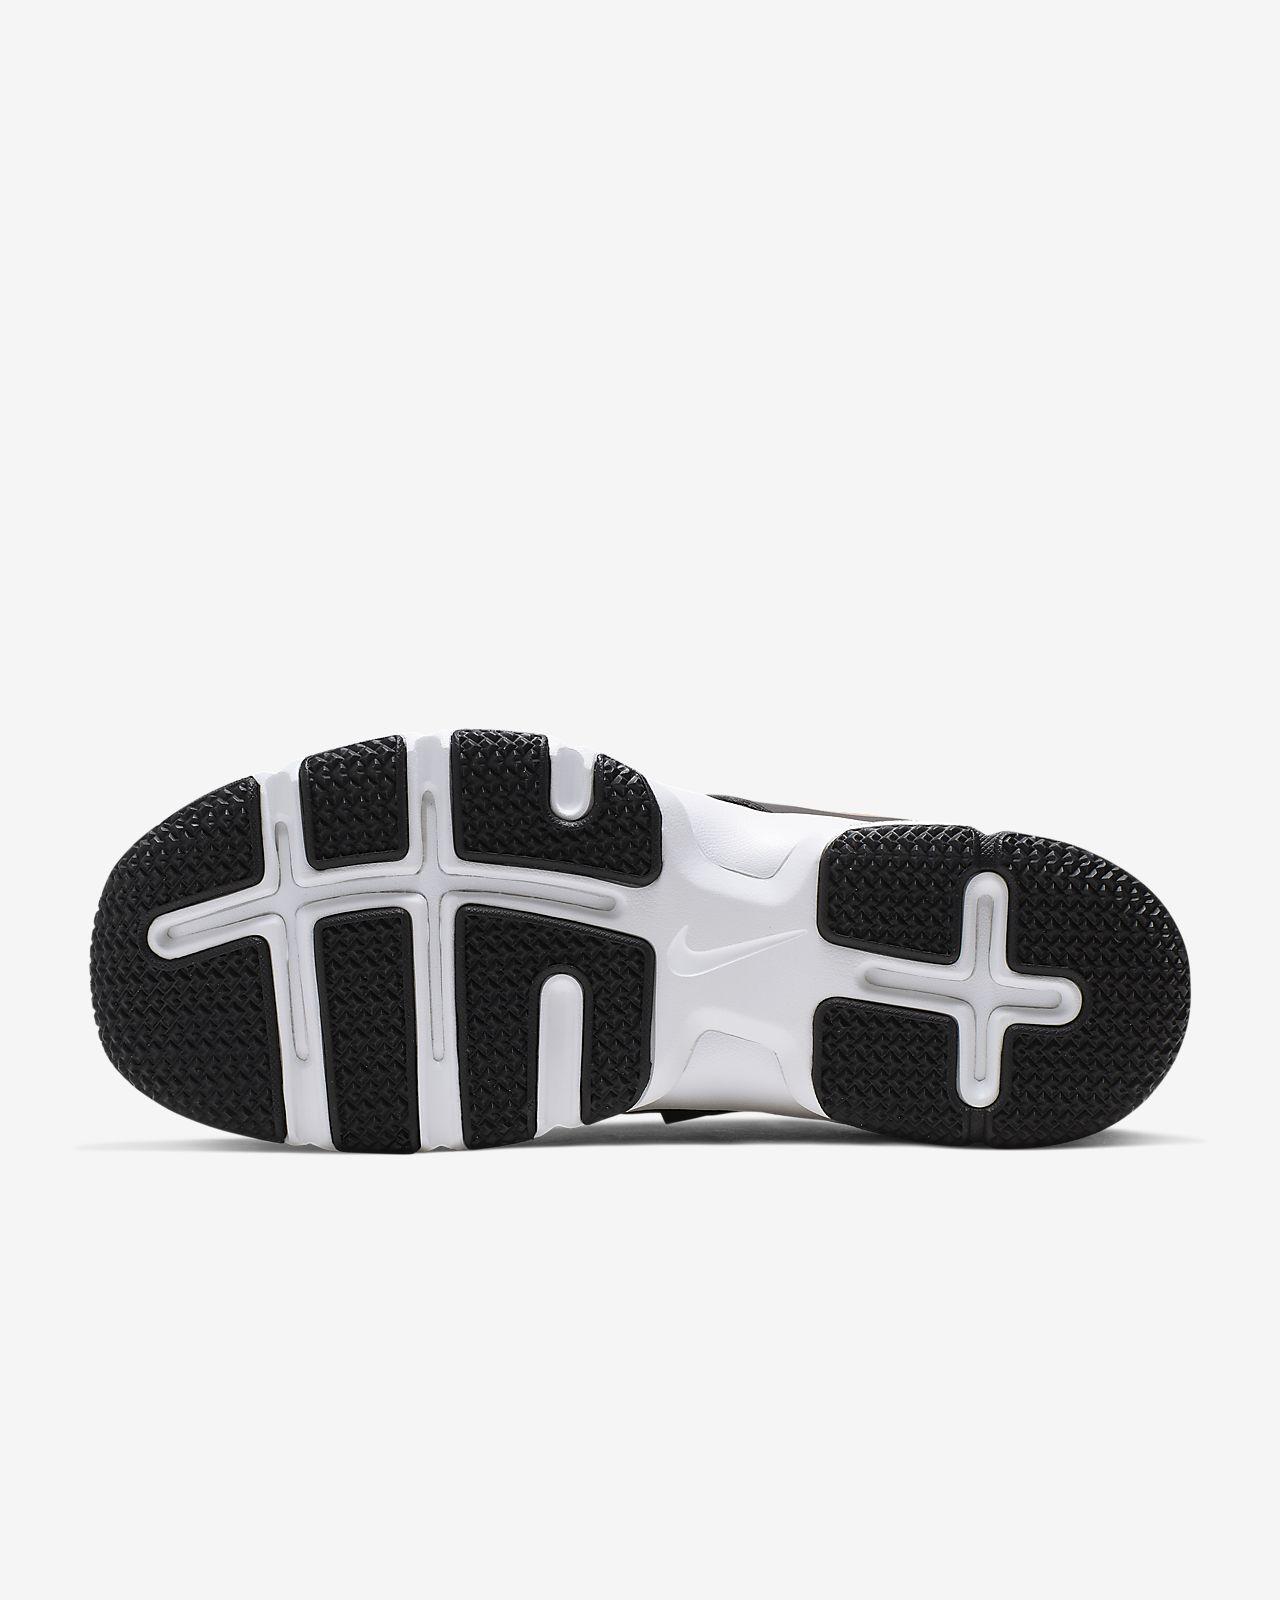 Nike Gymgameday Shoe Men's Fingertrap Lunar Tr c3u1FTlKJ